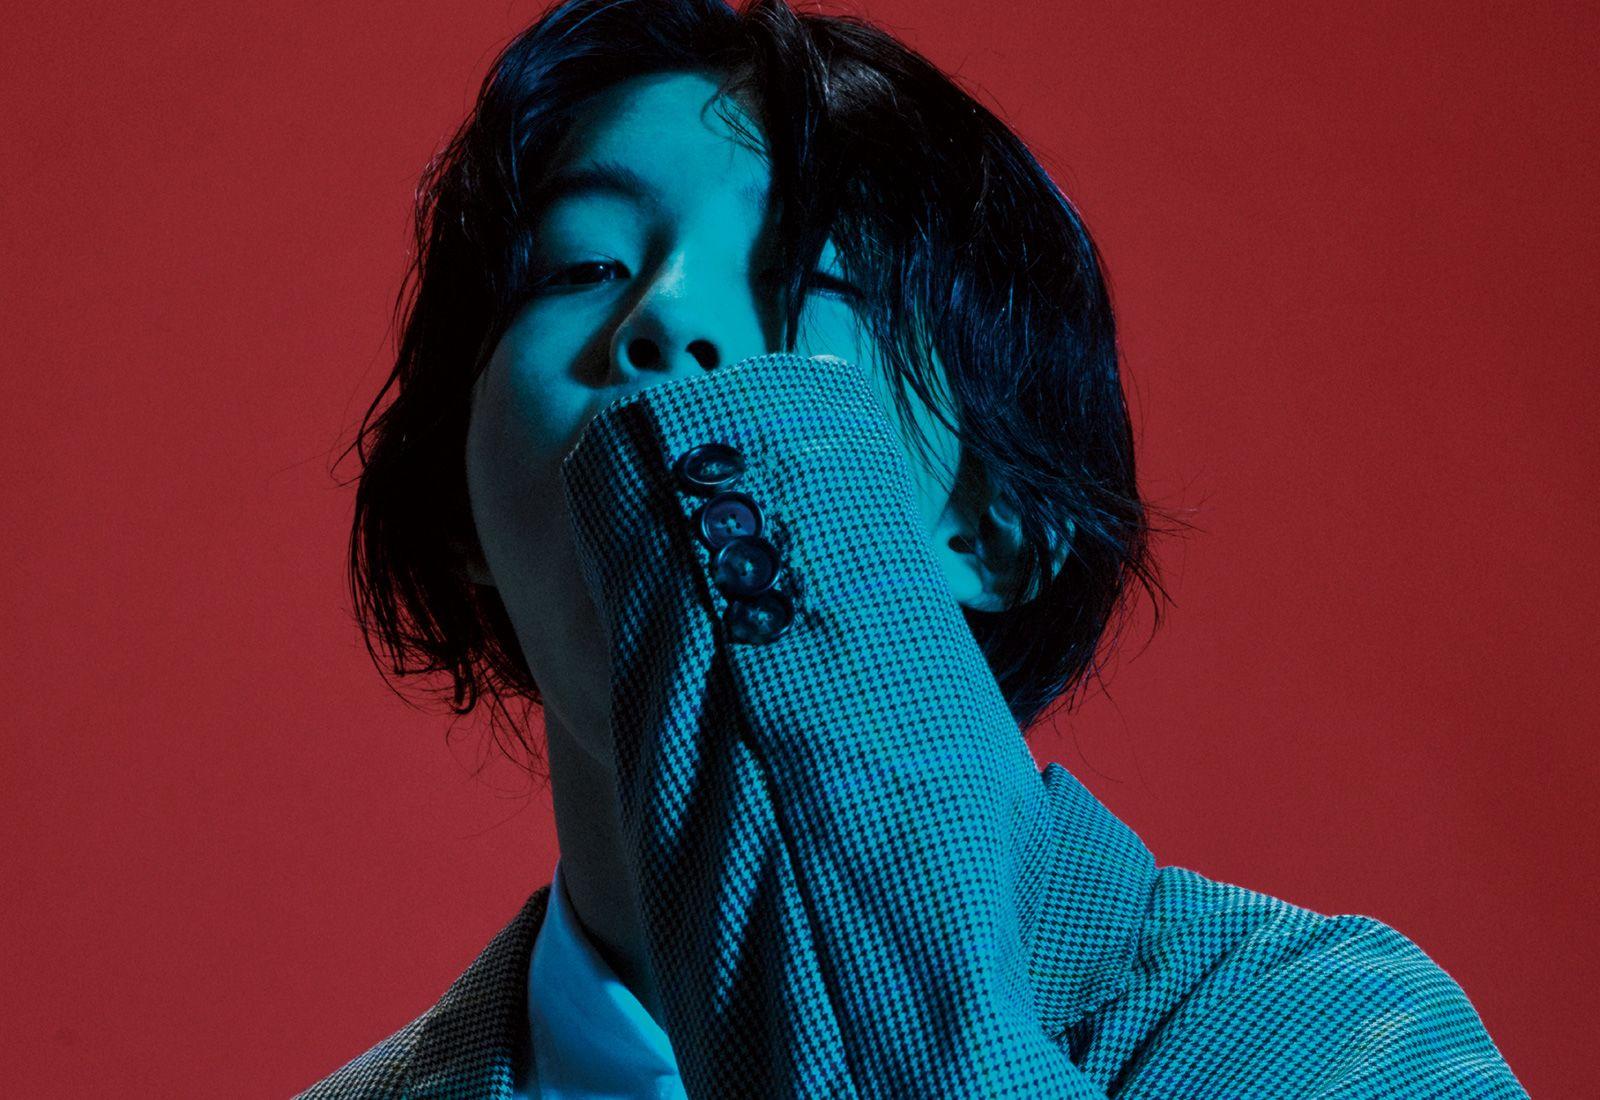 yoshi-interview-header